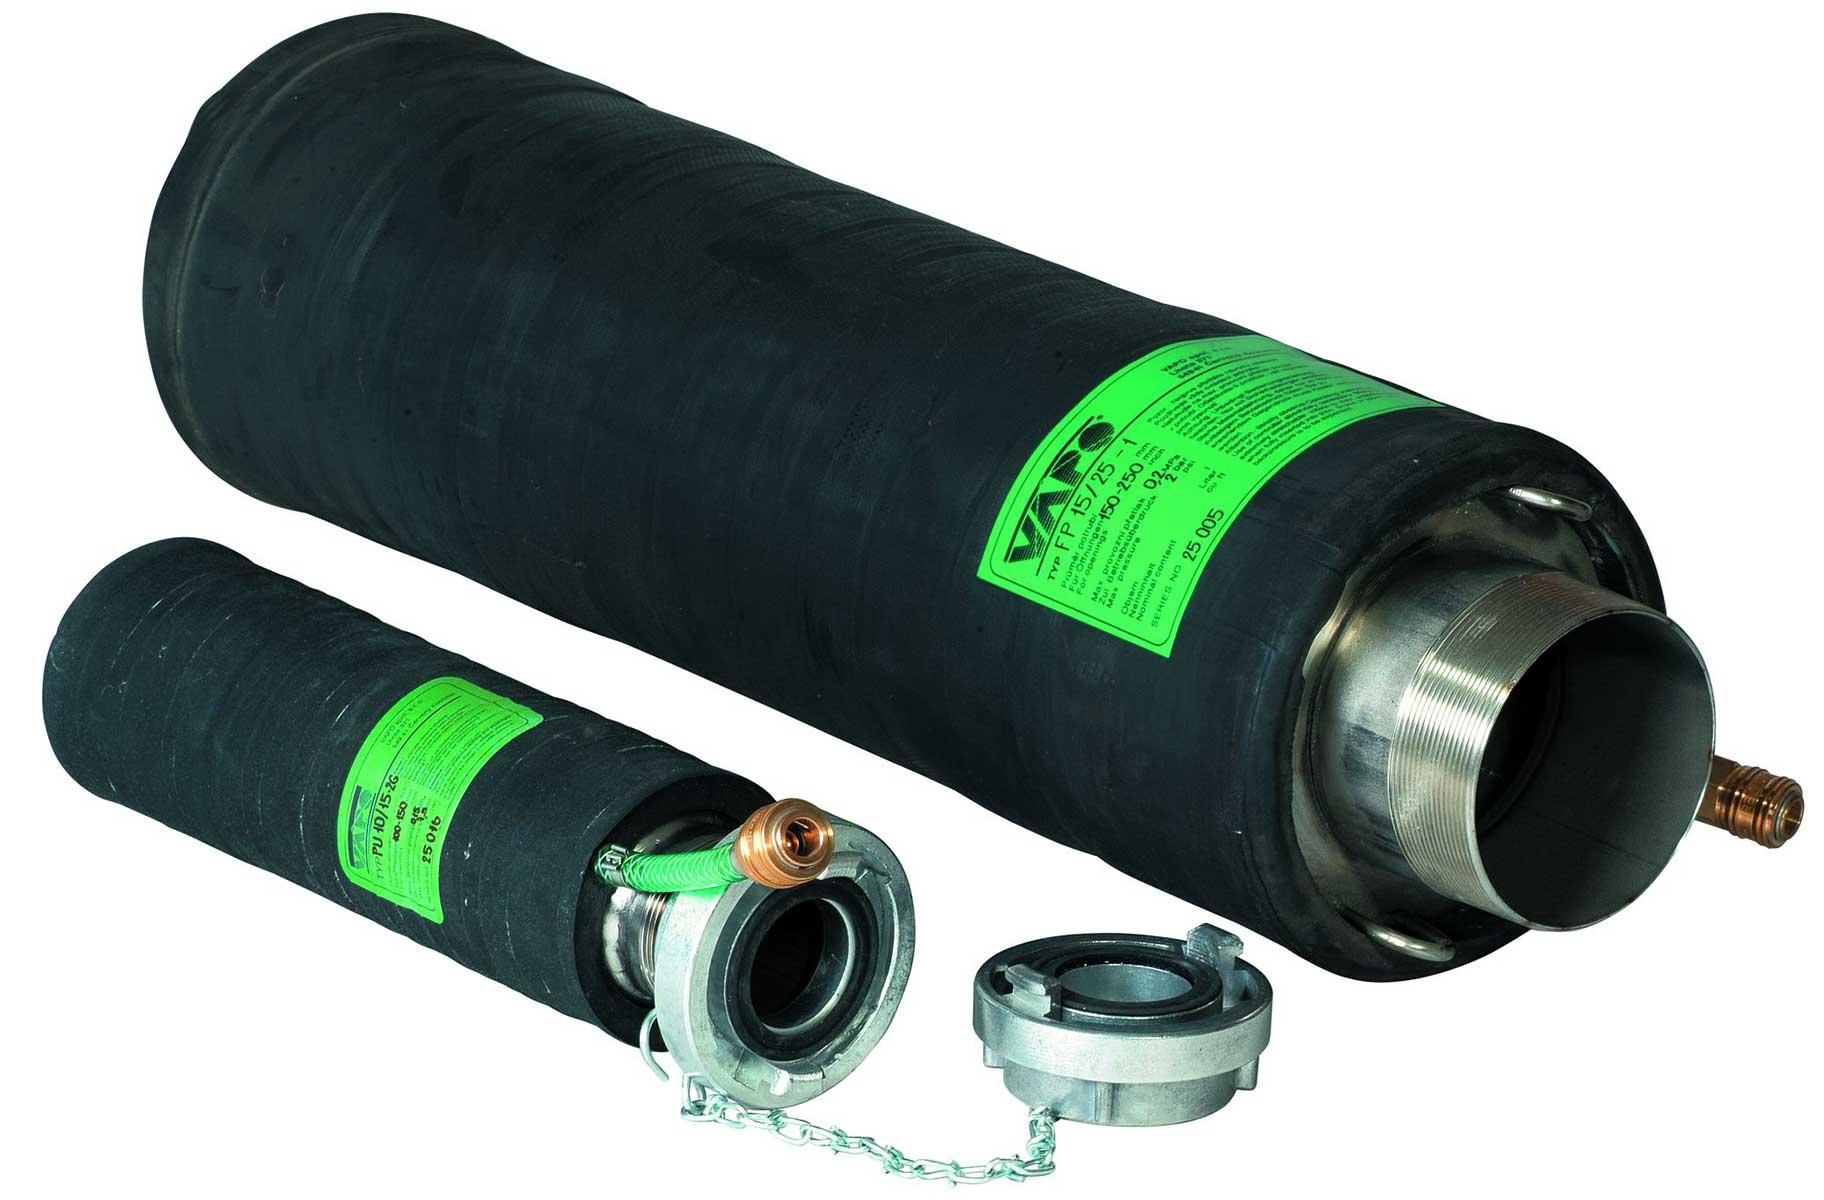 Durchfluss-Rohrdichtkissen PU-G mit Bypass für hohe Durchflussmengen von 100 - 1200 mm